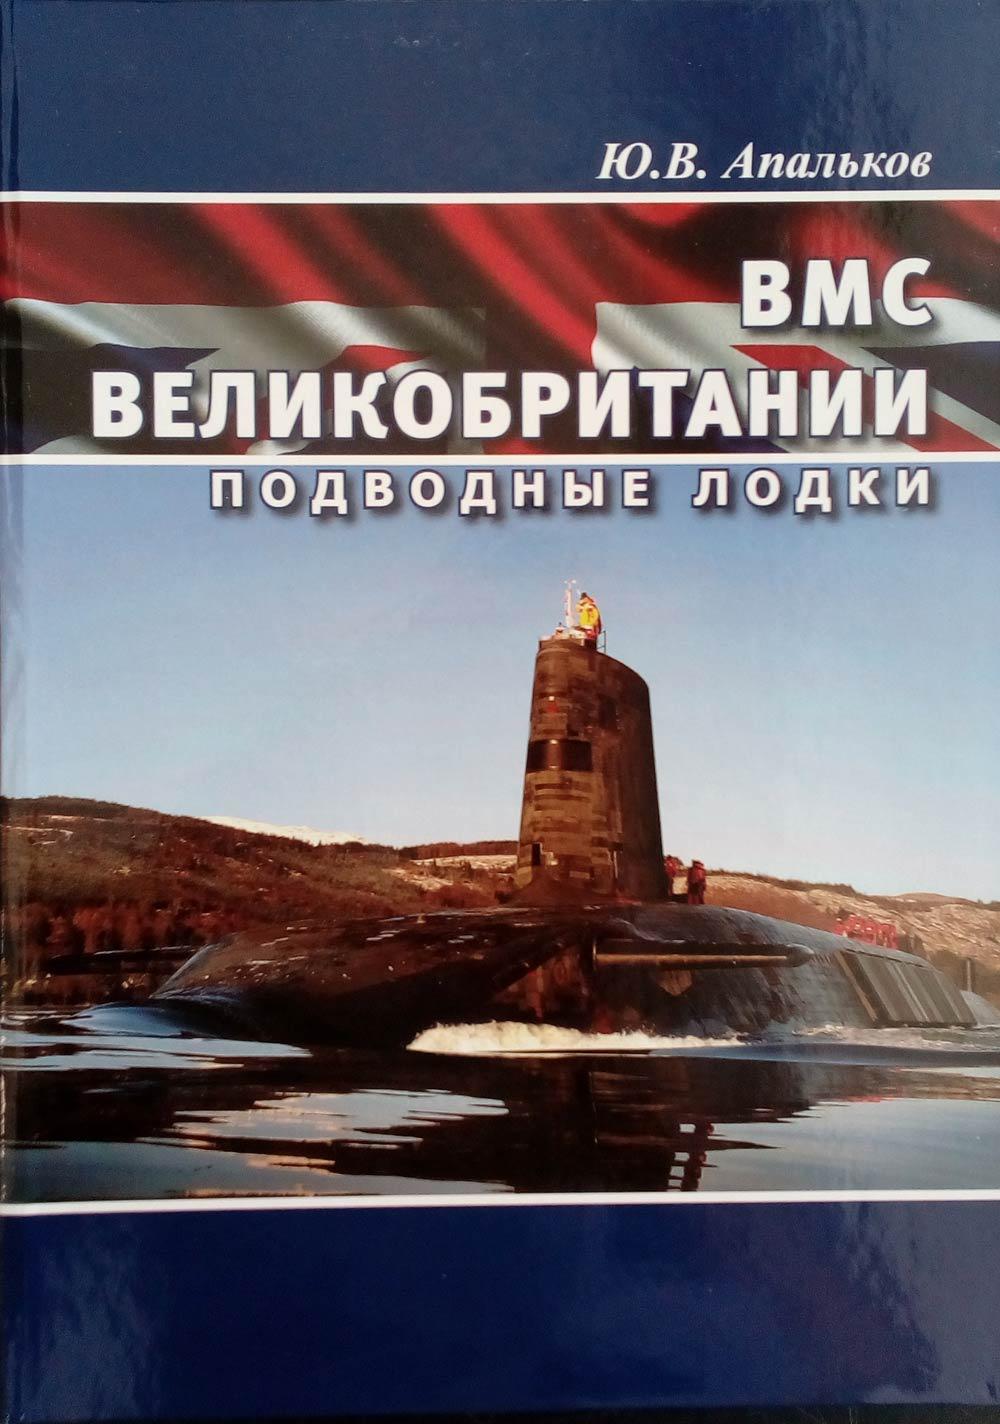 Апальков Ю. В. ВМС Великобритании. Подводные лодки ю в апальков подводные лодки советского флота 1945 1991 гг в 3 томах том 2 второе поколение апл